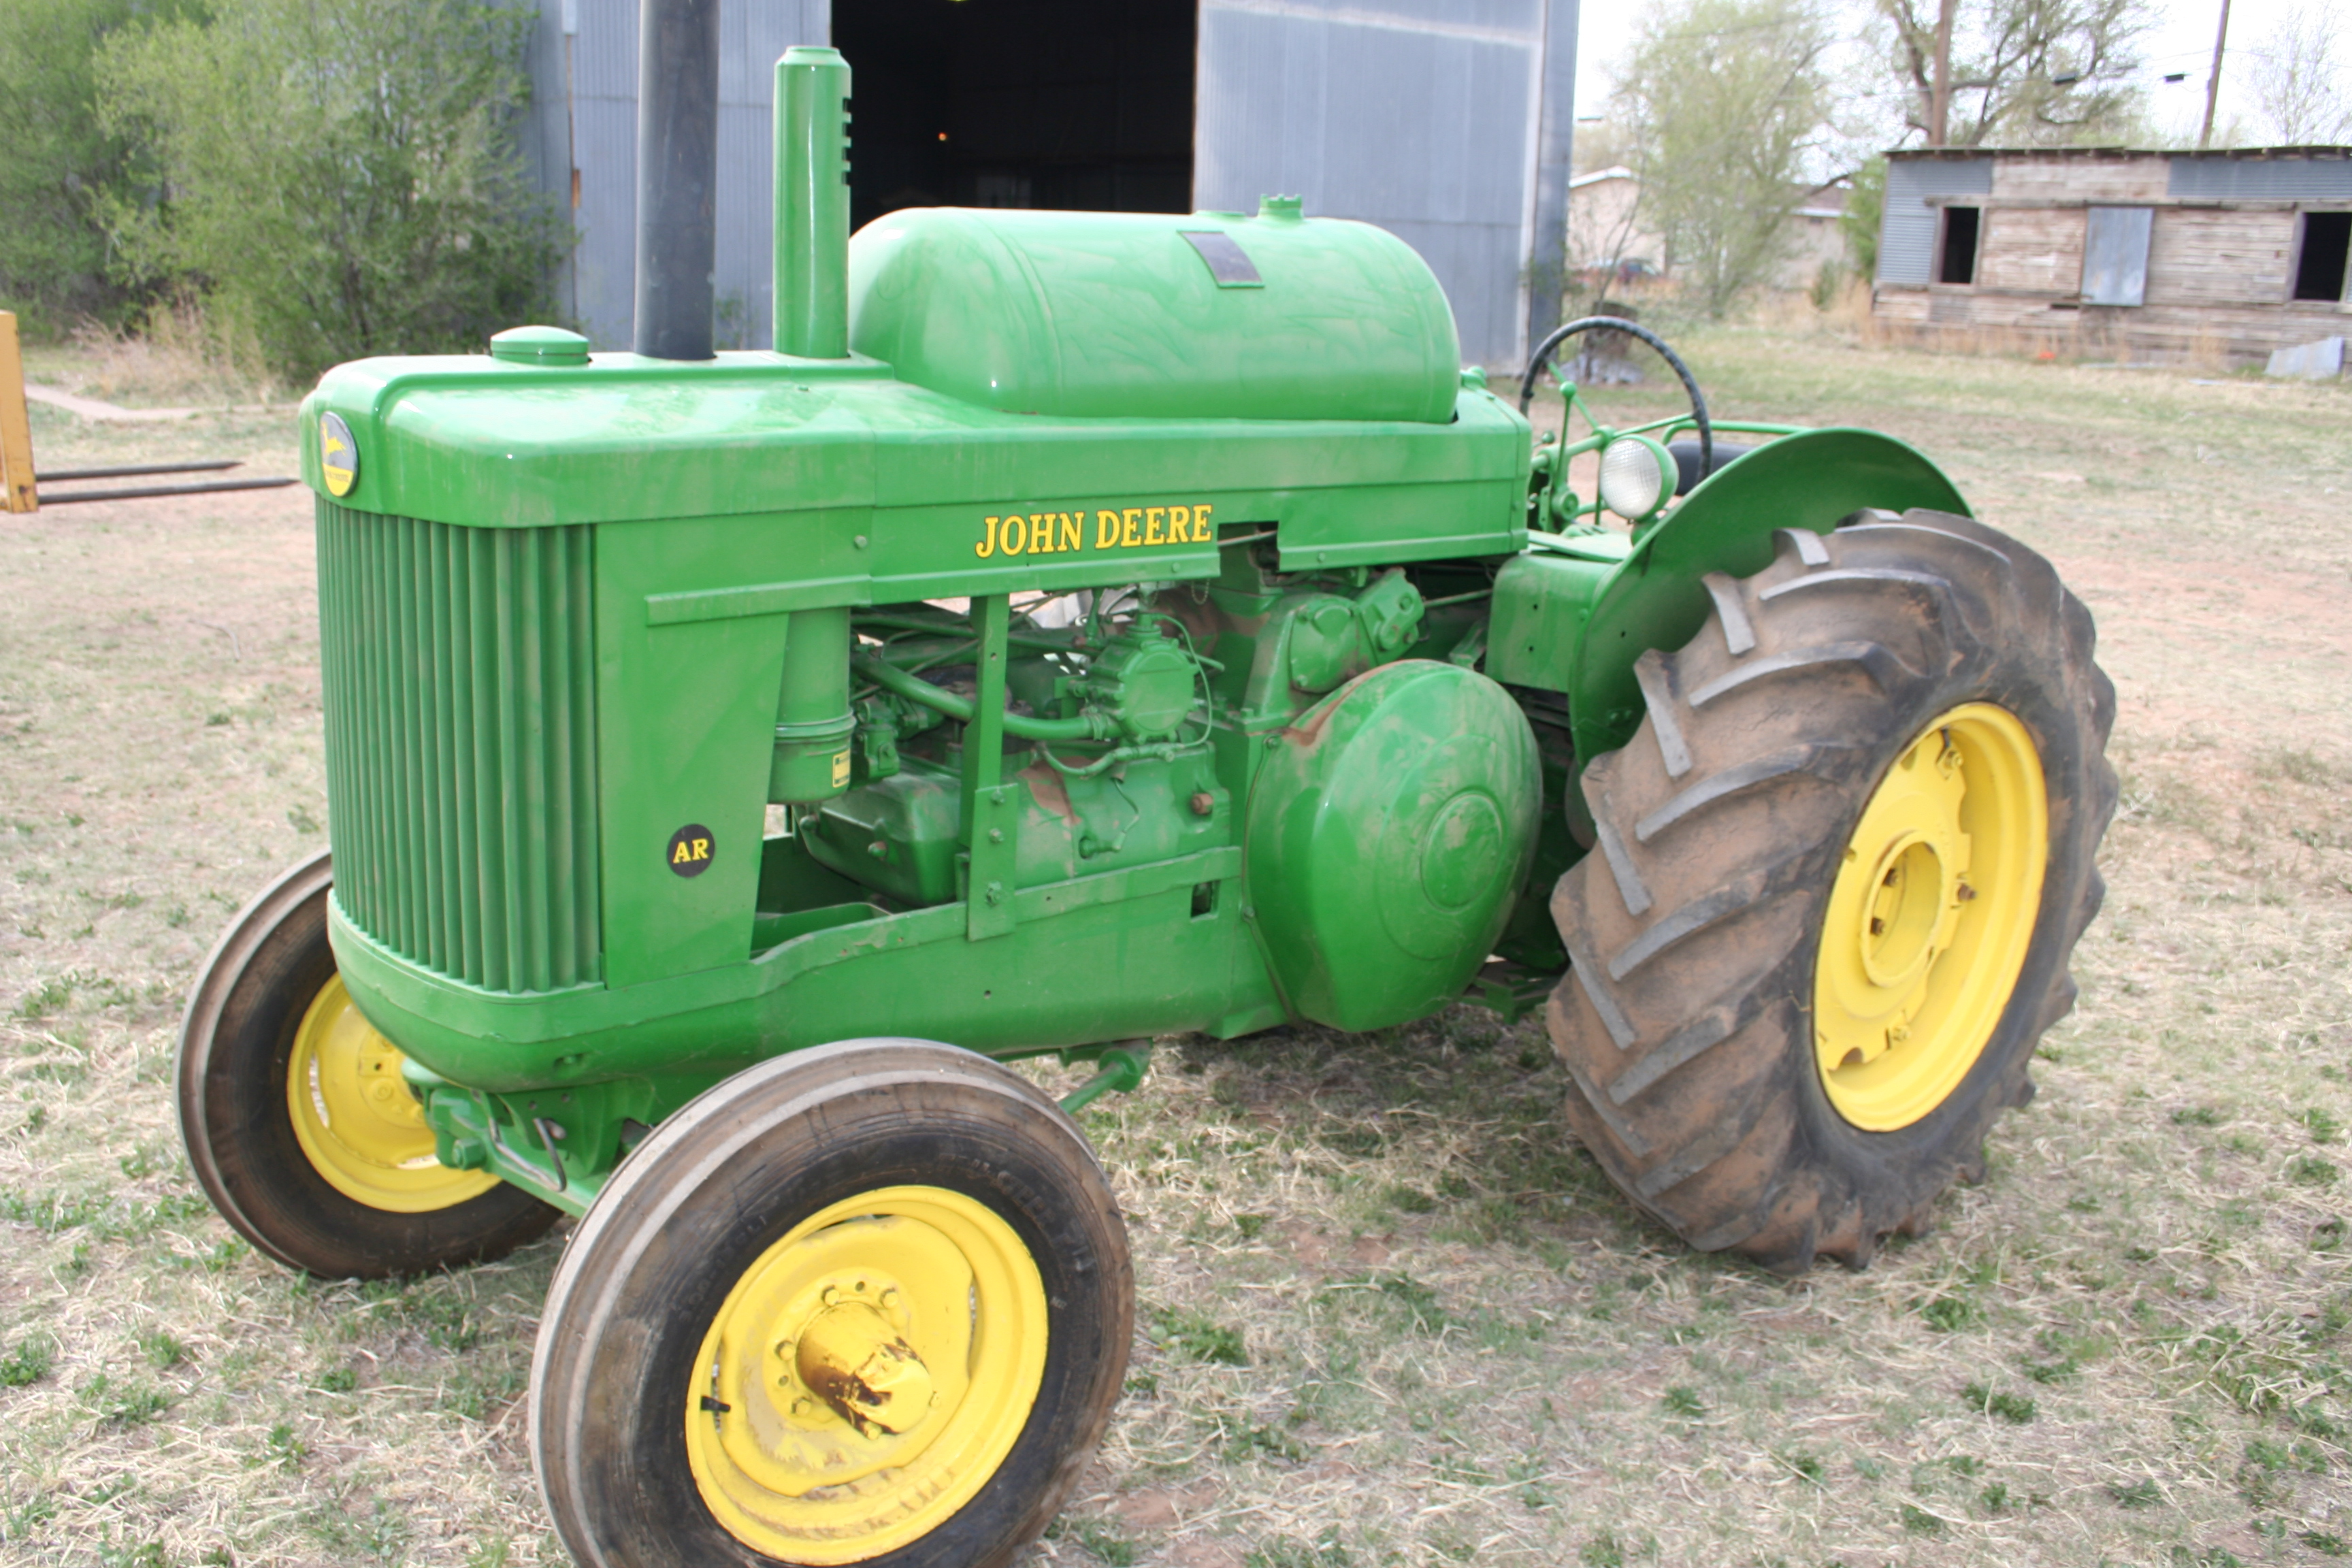 John Deere AR (1950) | Troy's Tractors